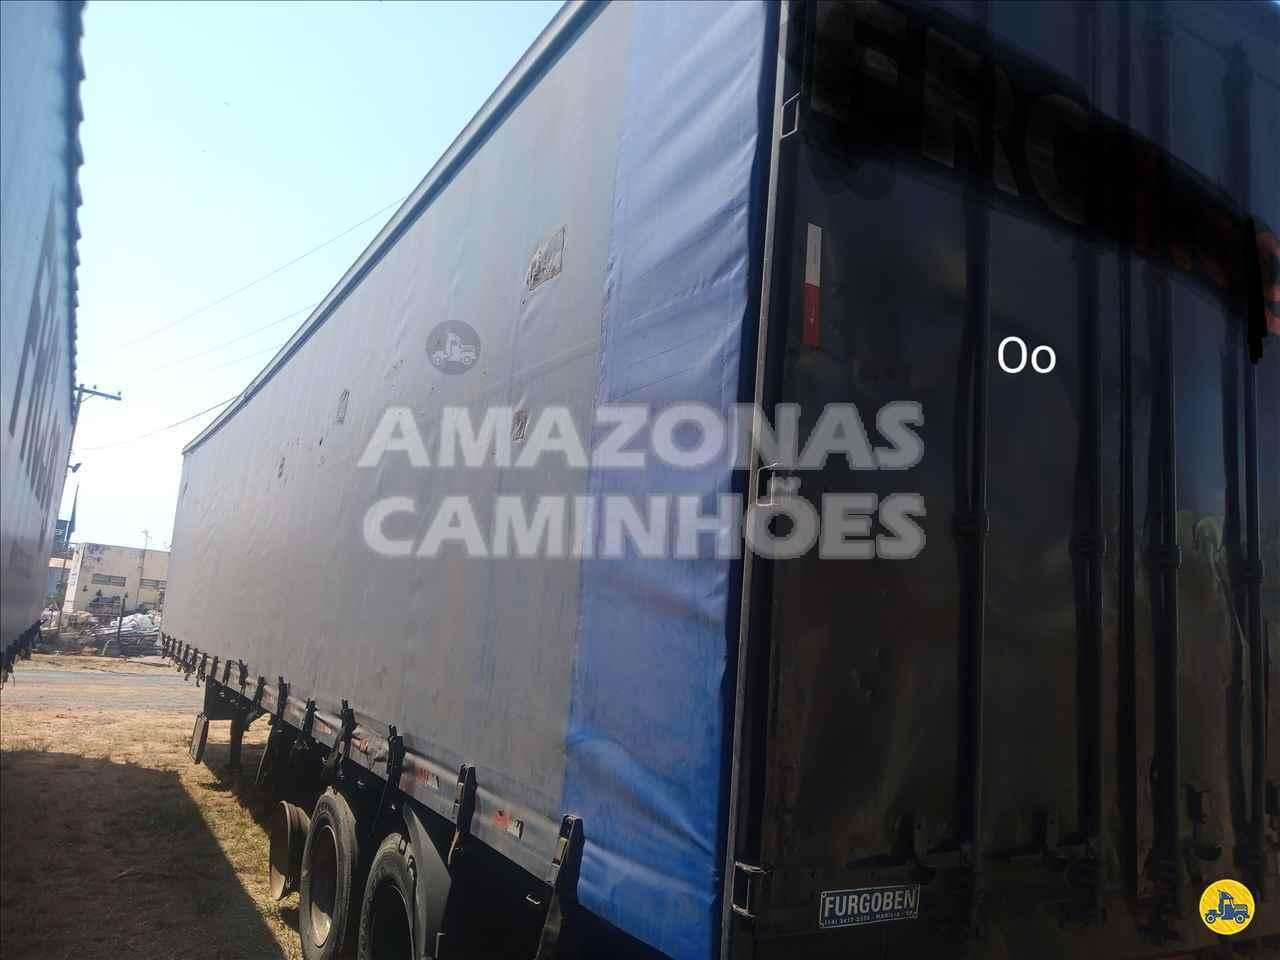 CARRETA SEMI-REBOQUE BAU SIDER Reta Amazonas Caminhões - SP MARILIA SÃO PAULO SP